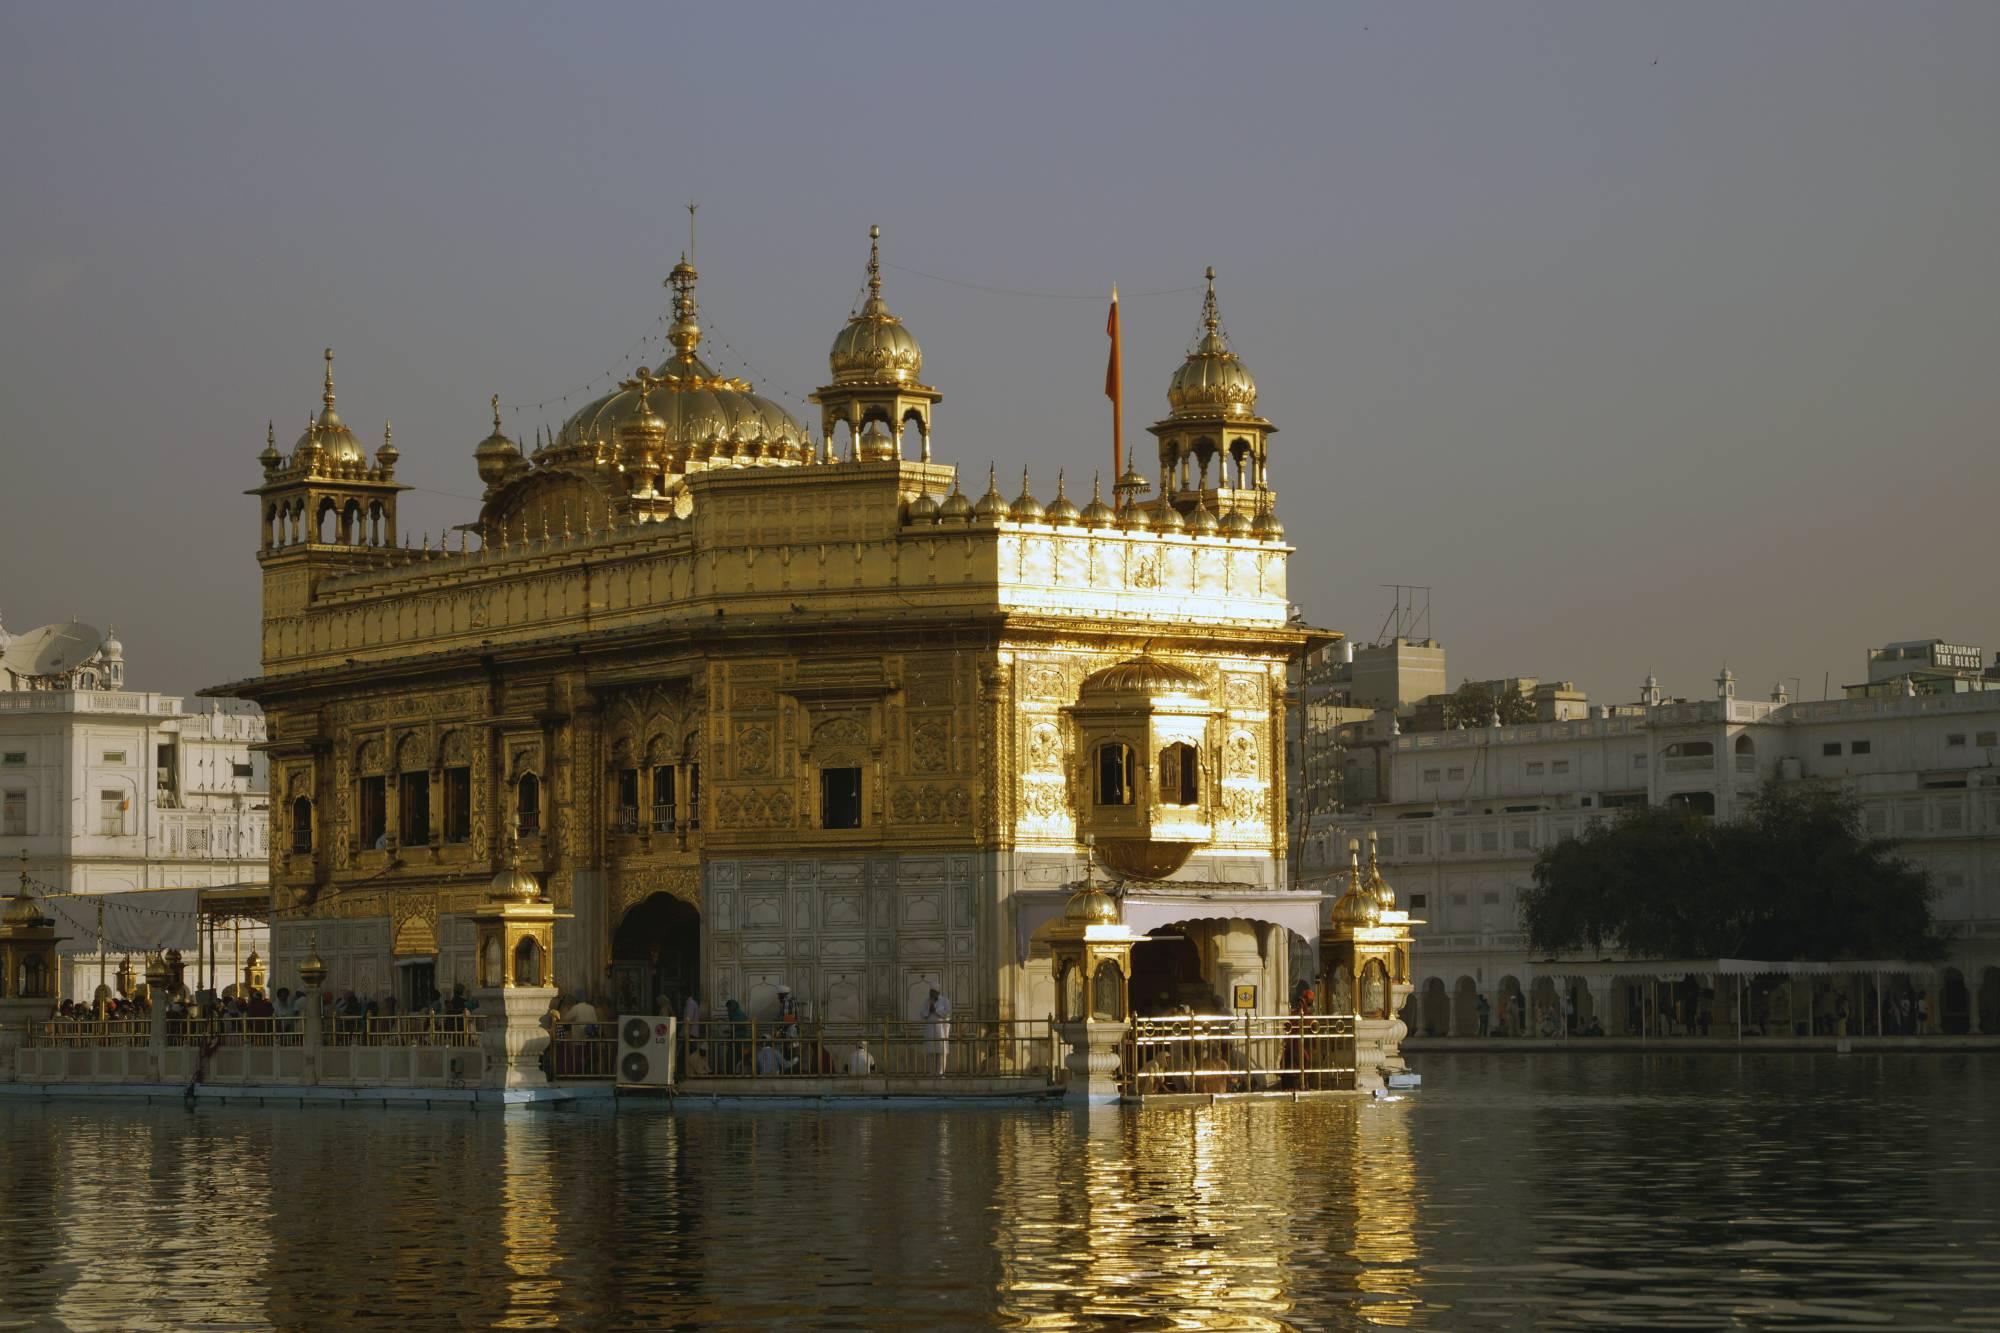 Złota Świątynia w Amritsarze